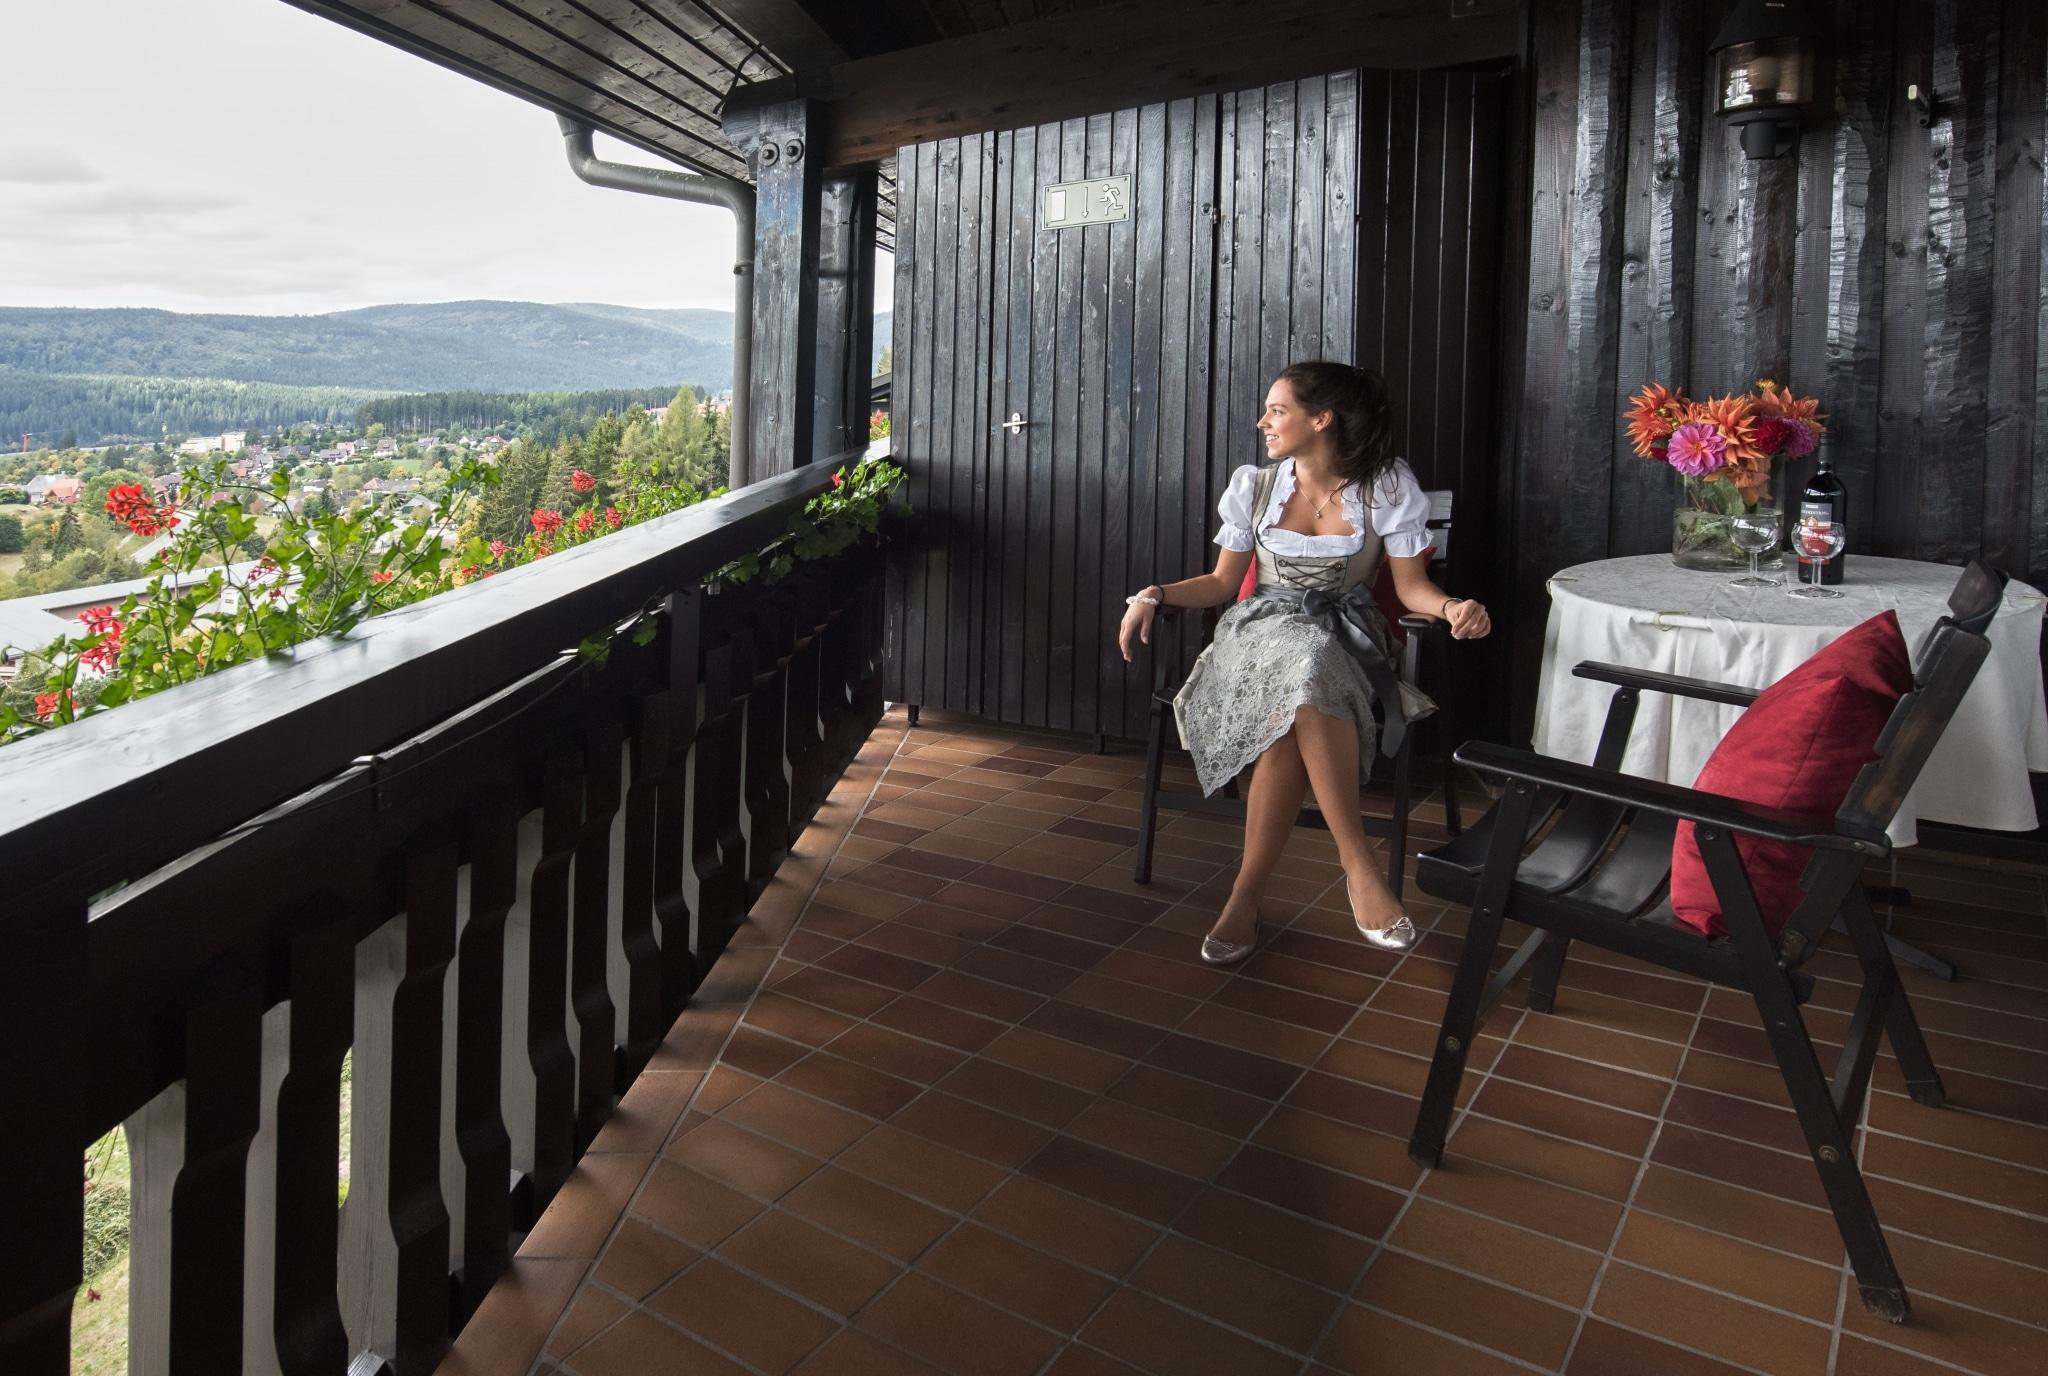 Frau im Dirndl auf Balkon im Vier Jahreszeiten am Schluchsee